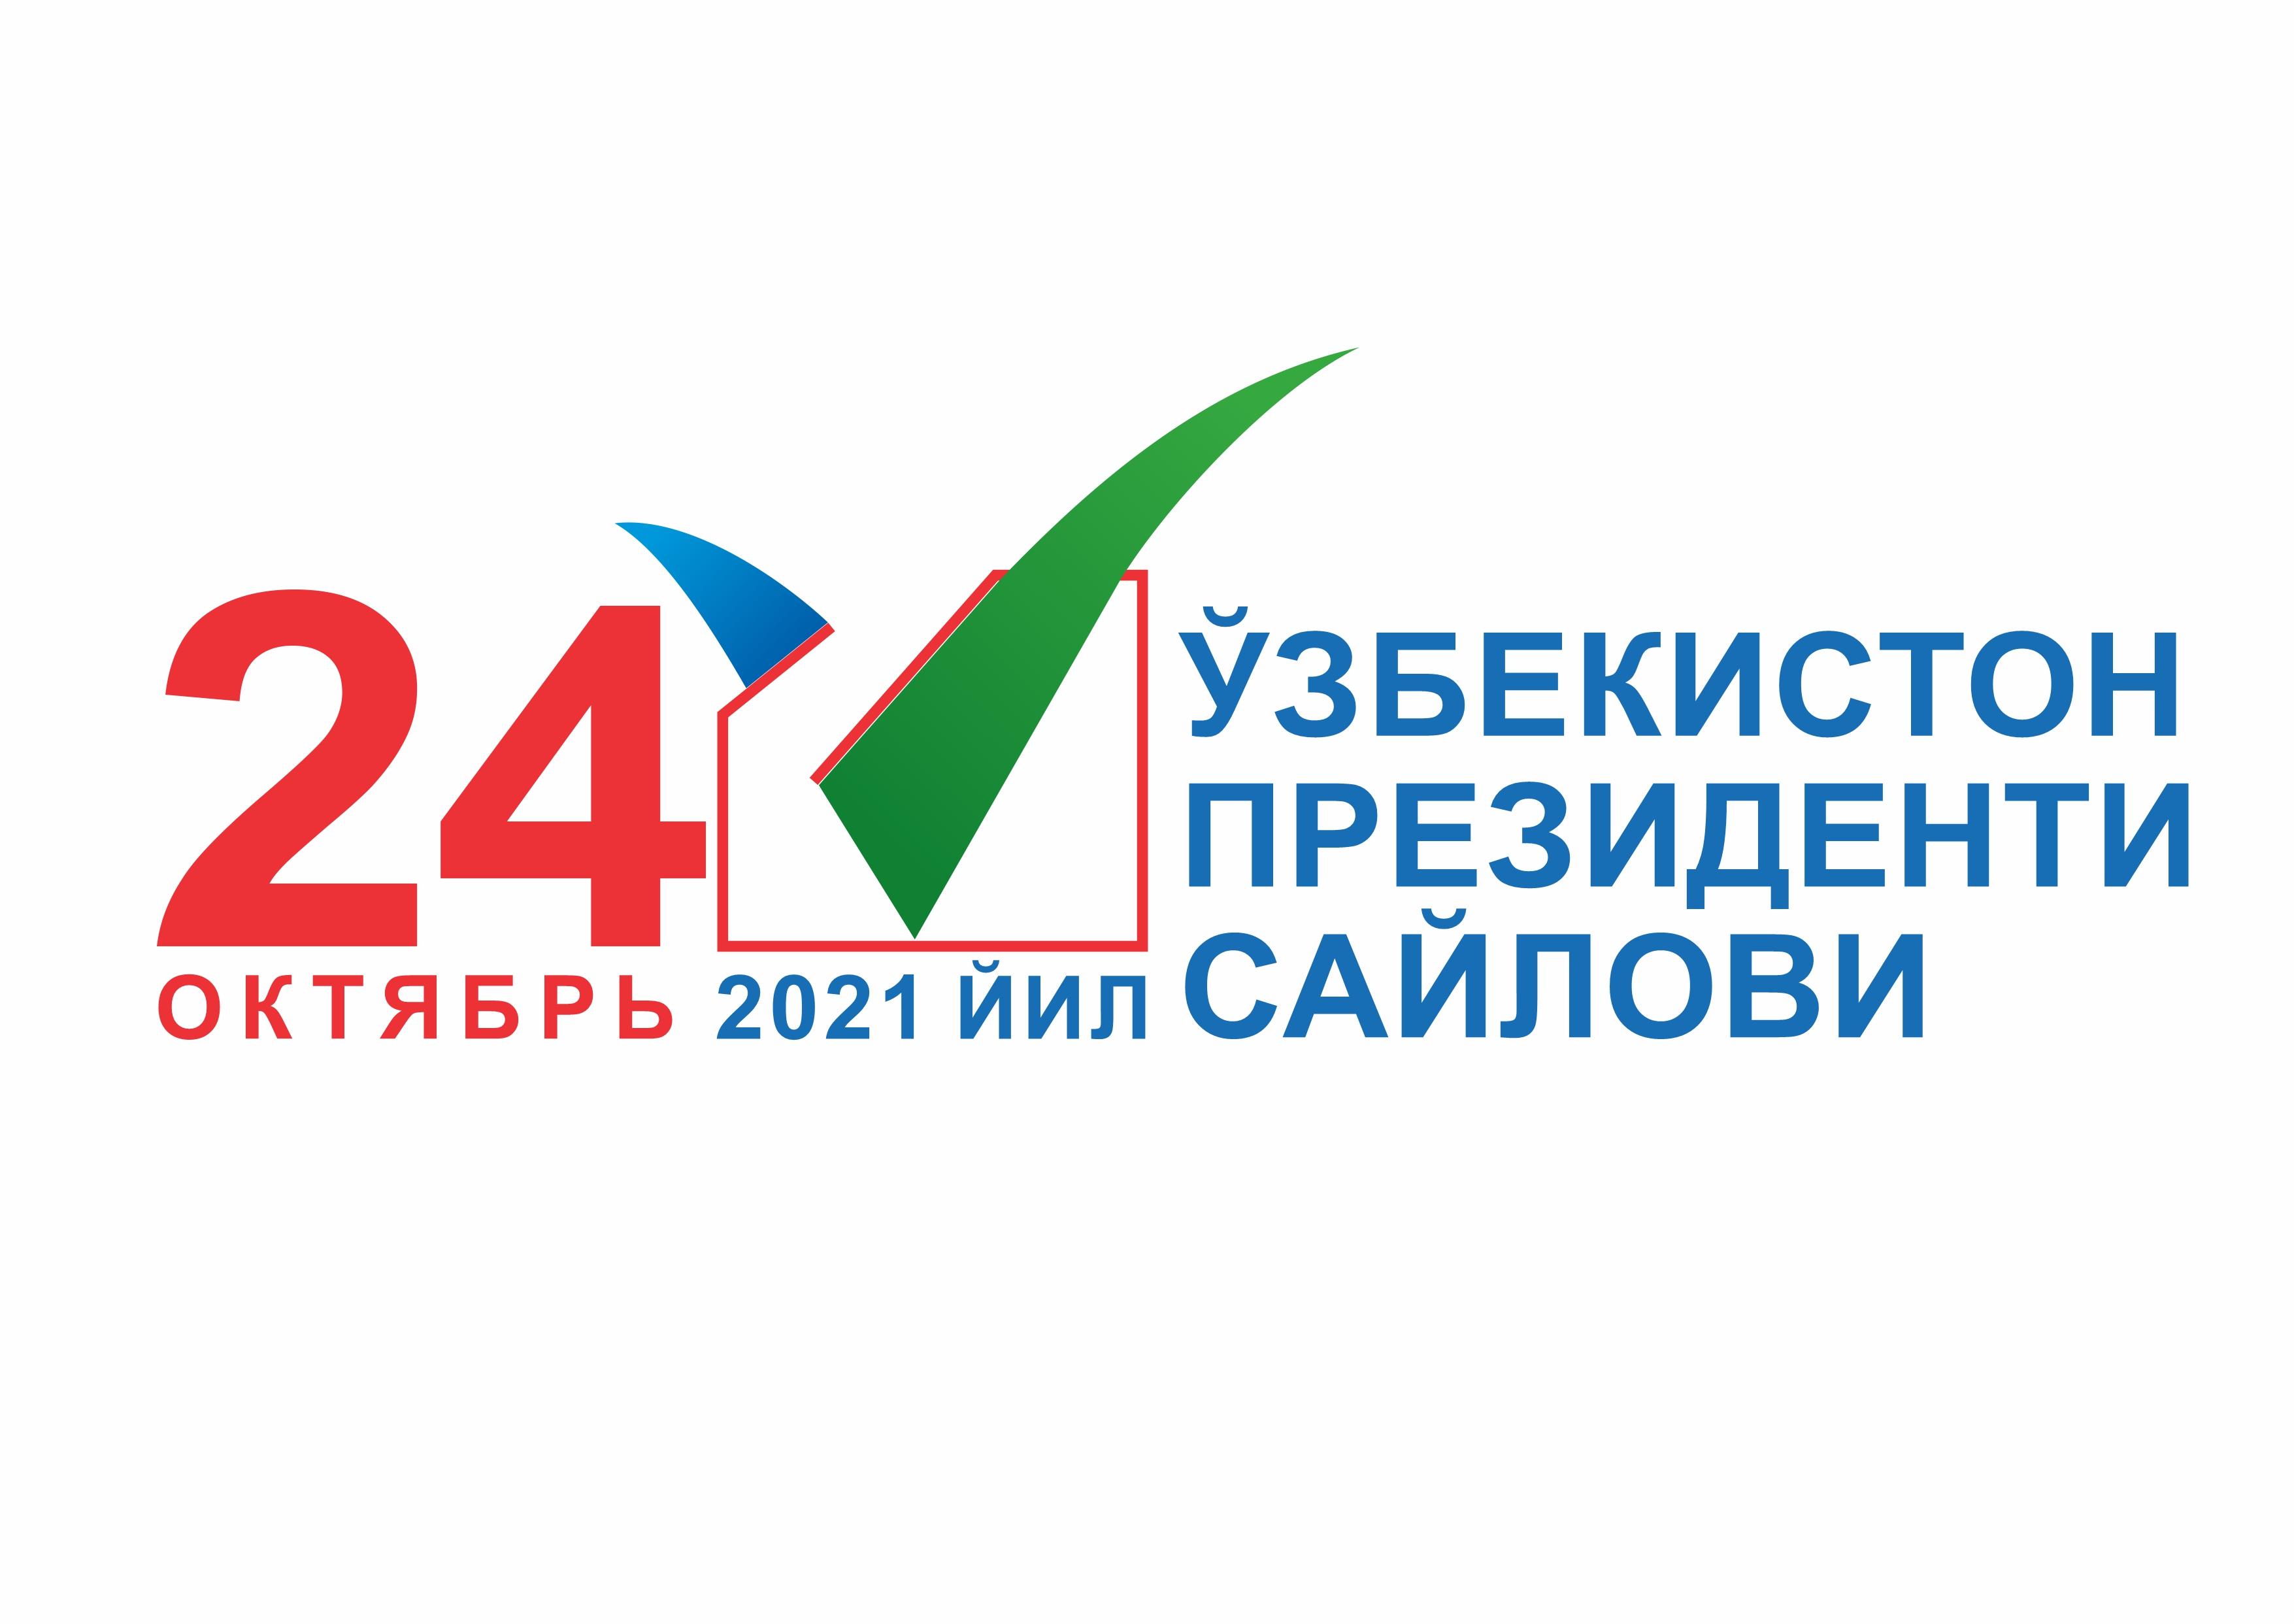 ЗАЯВЛЕНИЕ Центральной избирательной комиссии Республики Узбекистан по отчету Миссии по оценке потребностей БДИПЧ ОБСЕ  от 19 июля 2021 года